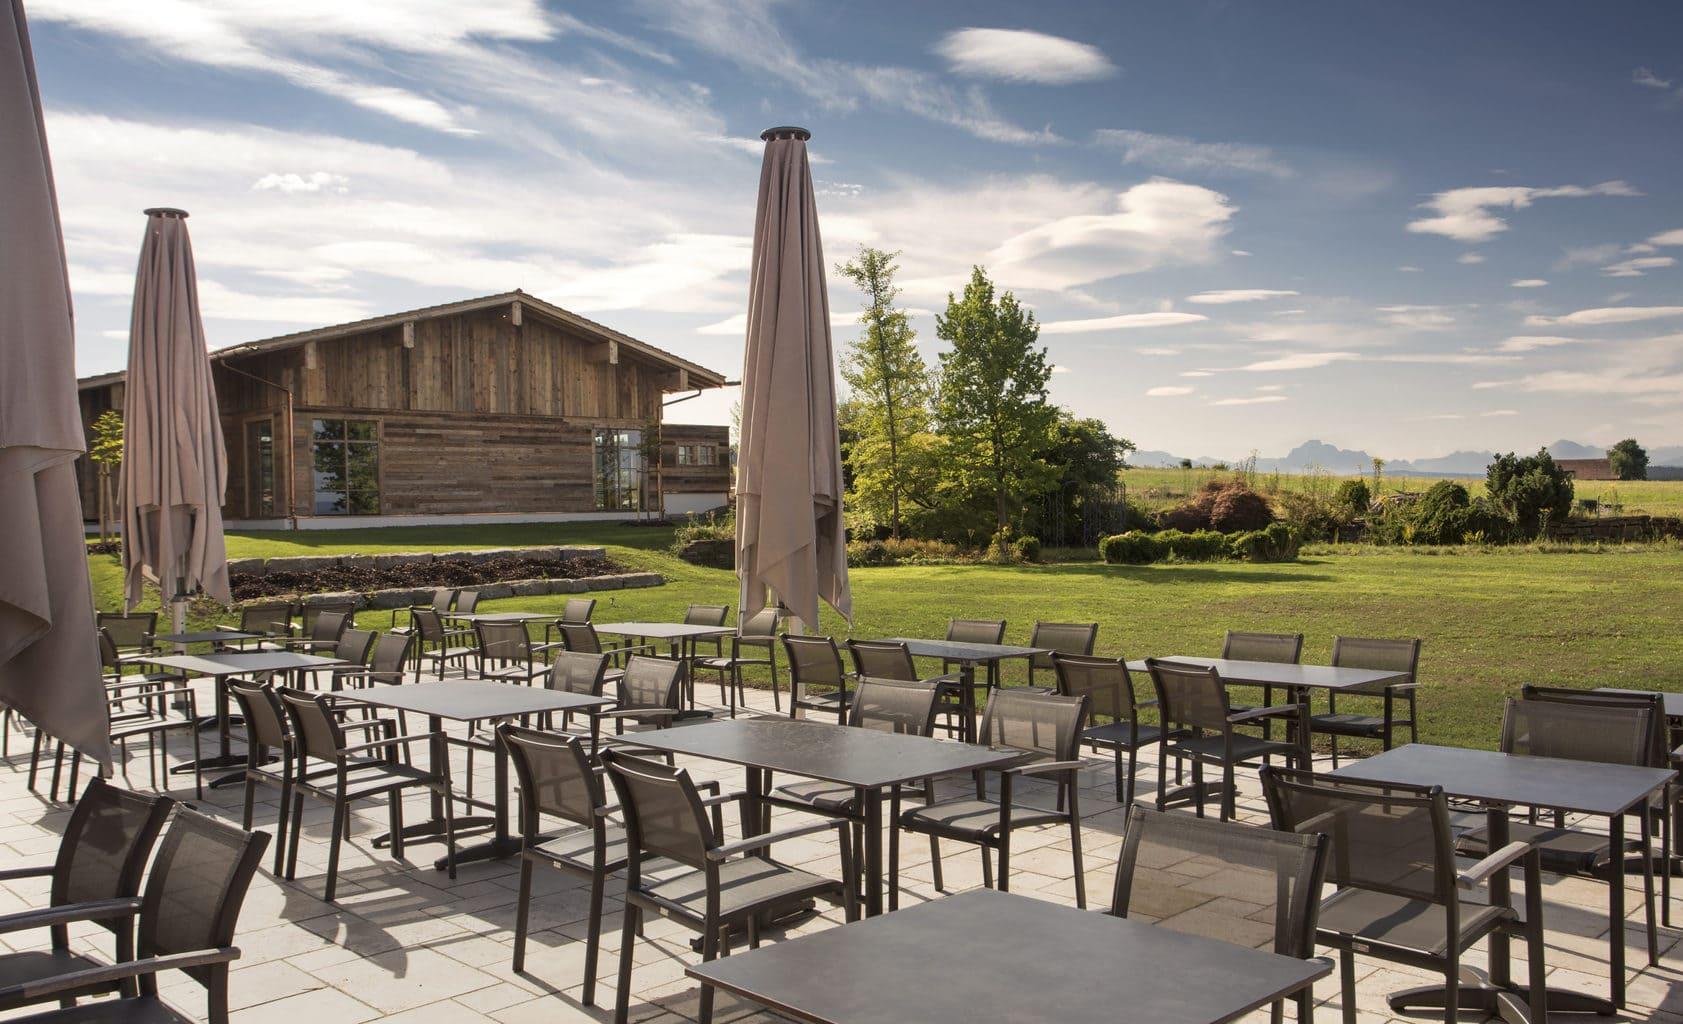 Het hotel Weitblick in Marktoberdorf biedt suites met uitzicht op de Allgäu